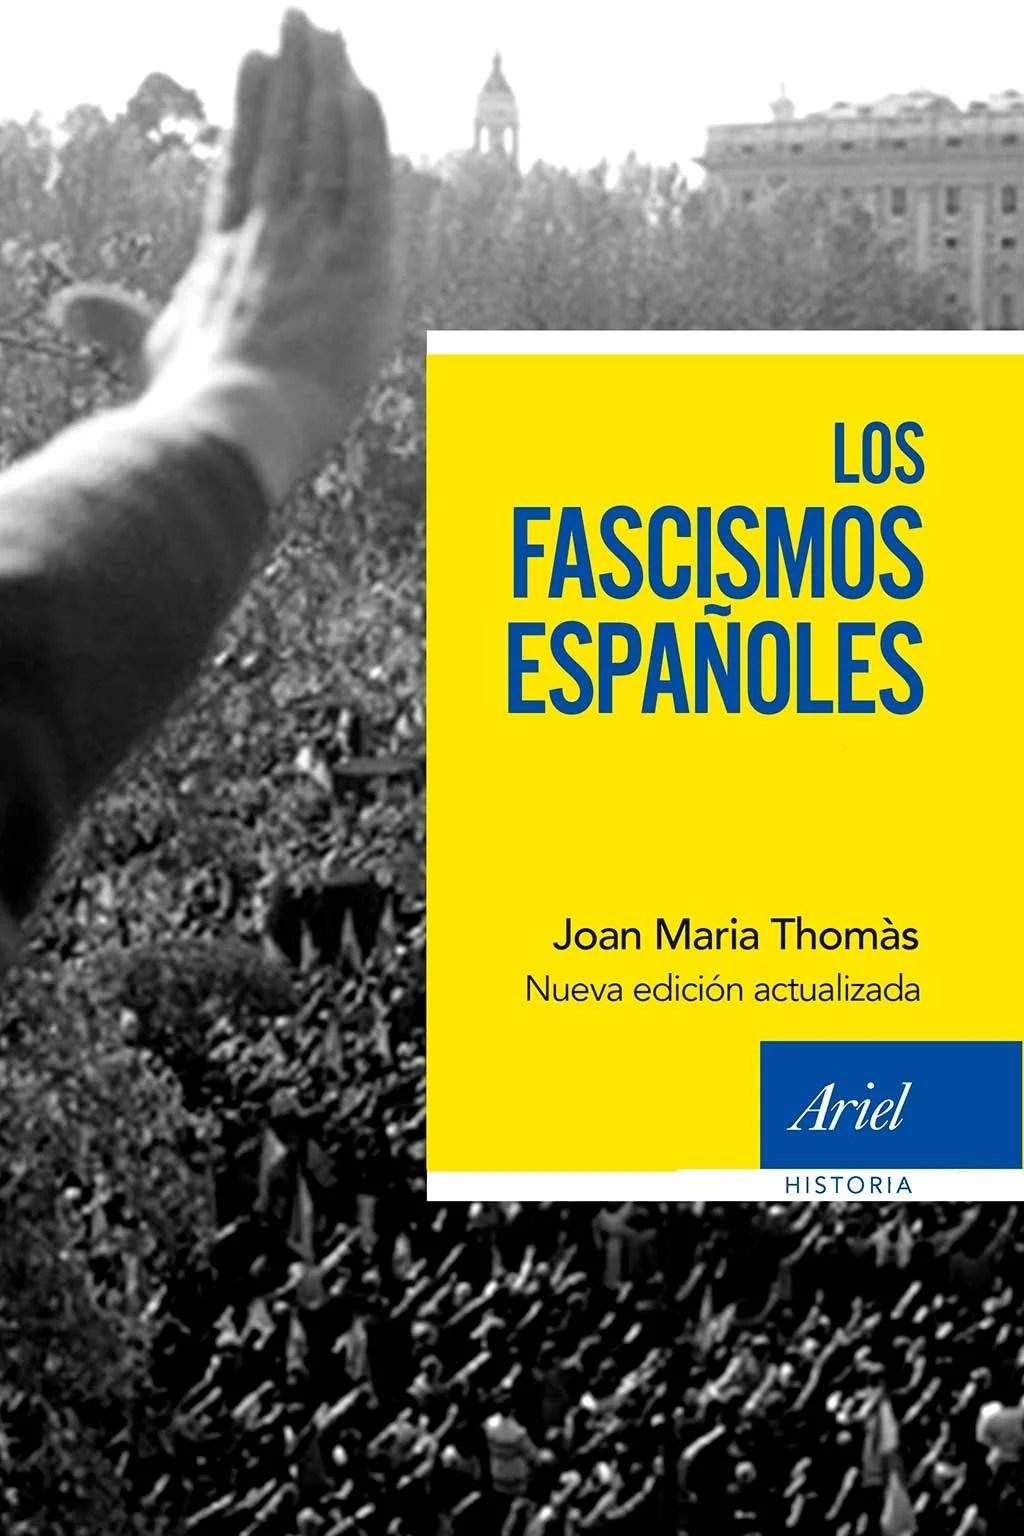 los-fascismos-espanoles-joan-maria-thomas